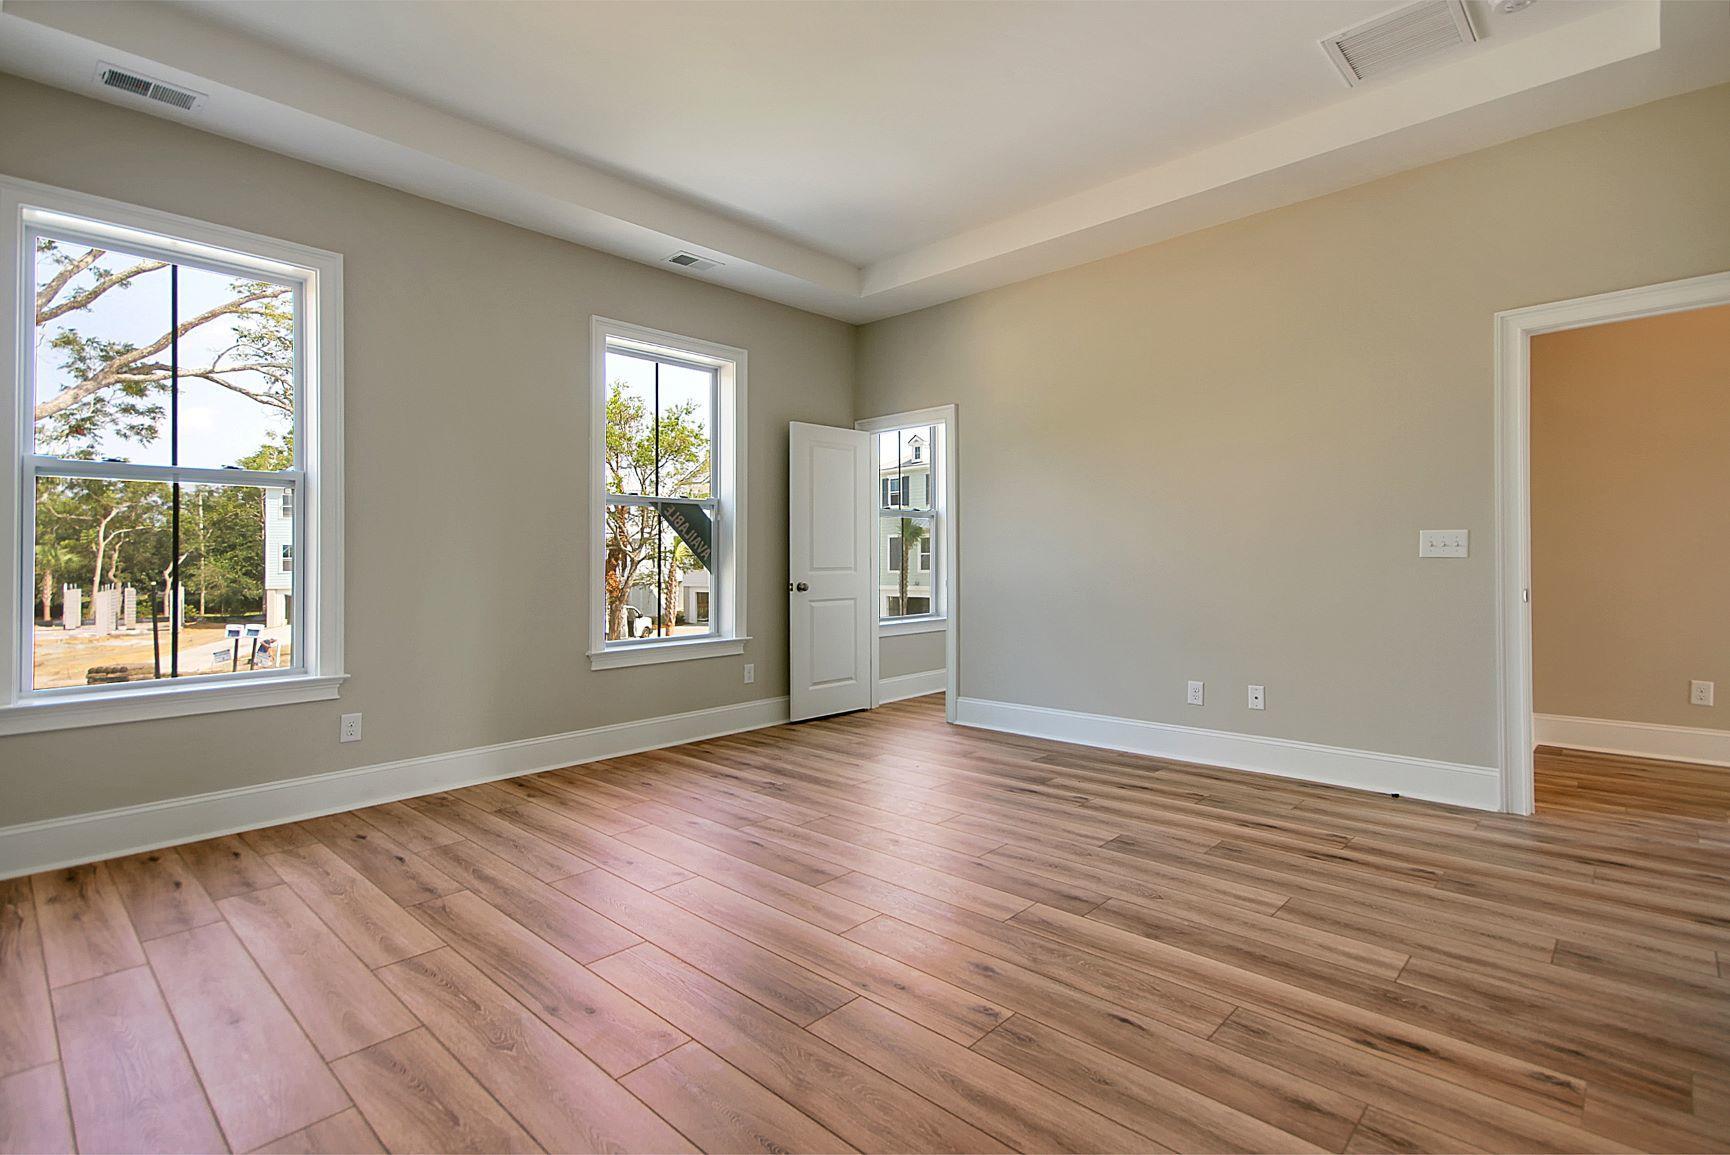 Kings Flats Homes For Sale - 121 Alder, Charleston, SC - 33